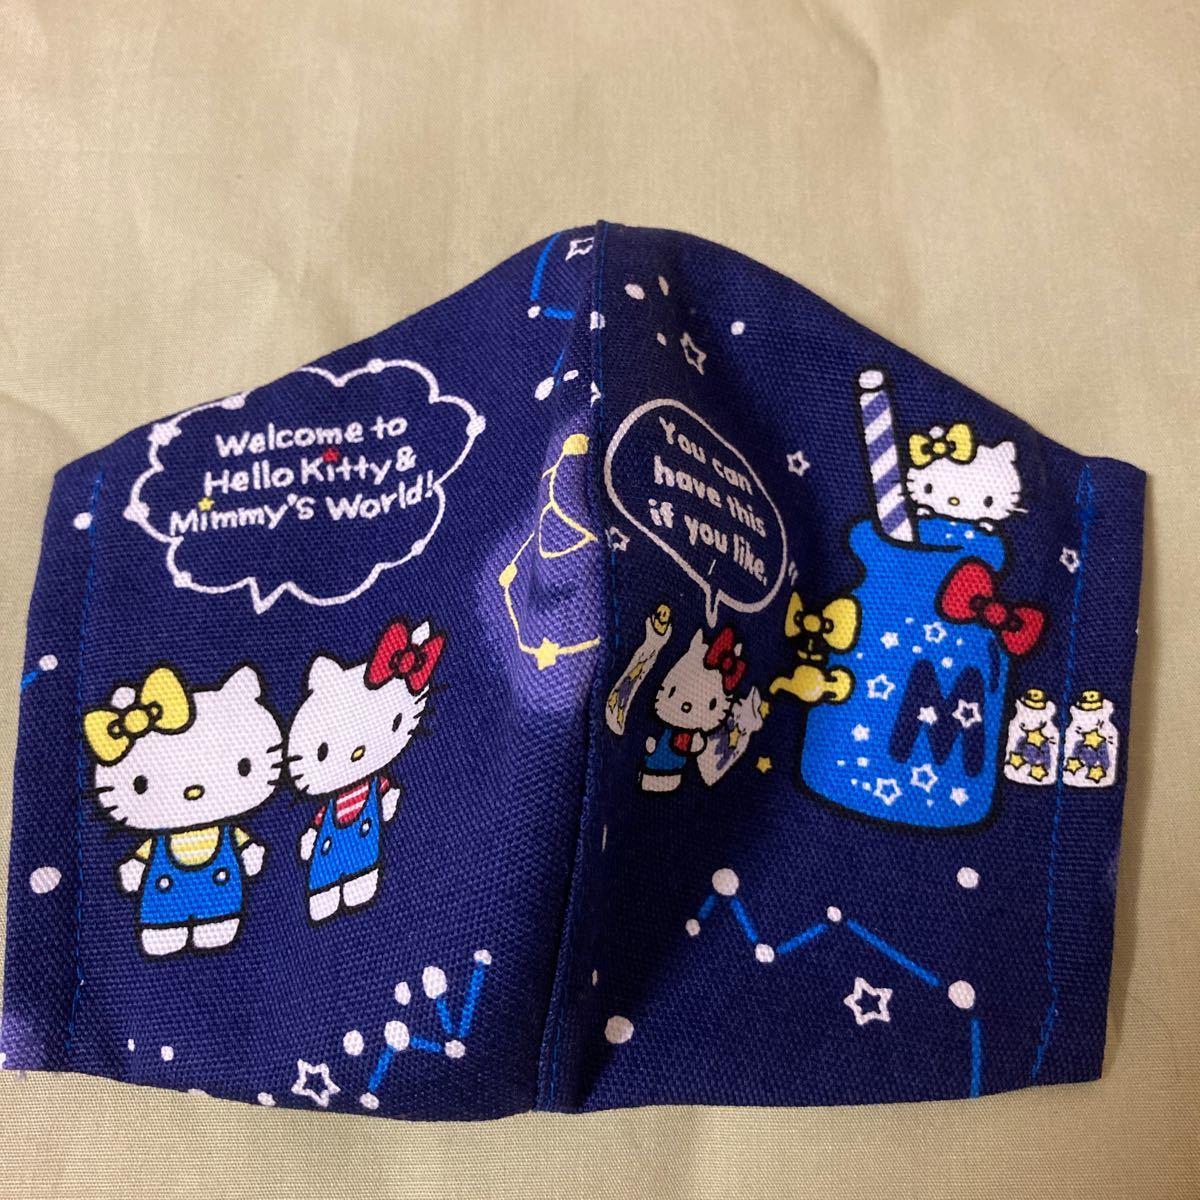 ハンドメイド立体インナーマスクお子様用4枚セット サンリオキャラクター キティ、マイメロ、ポムポムプリン他